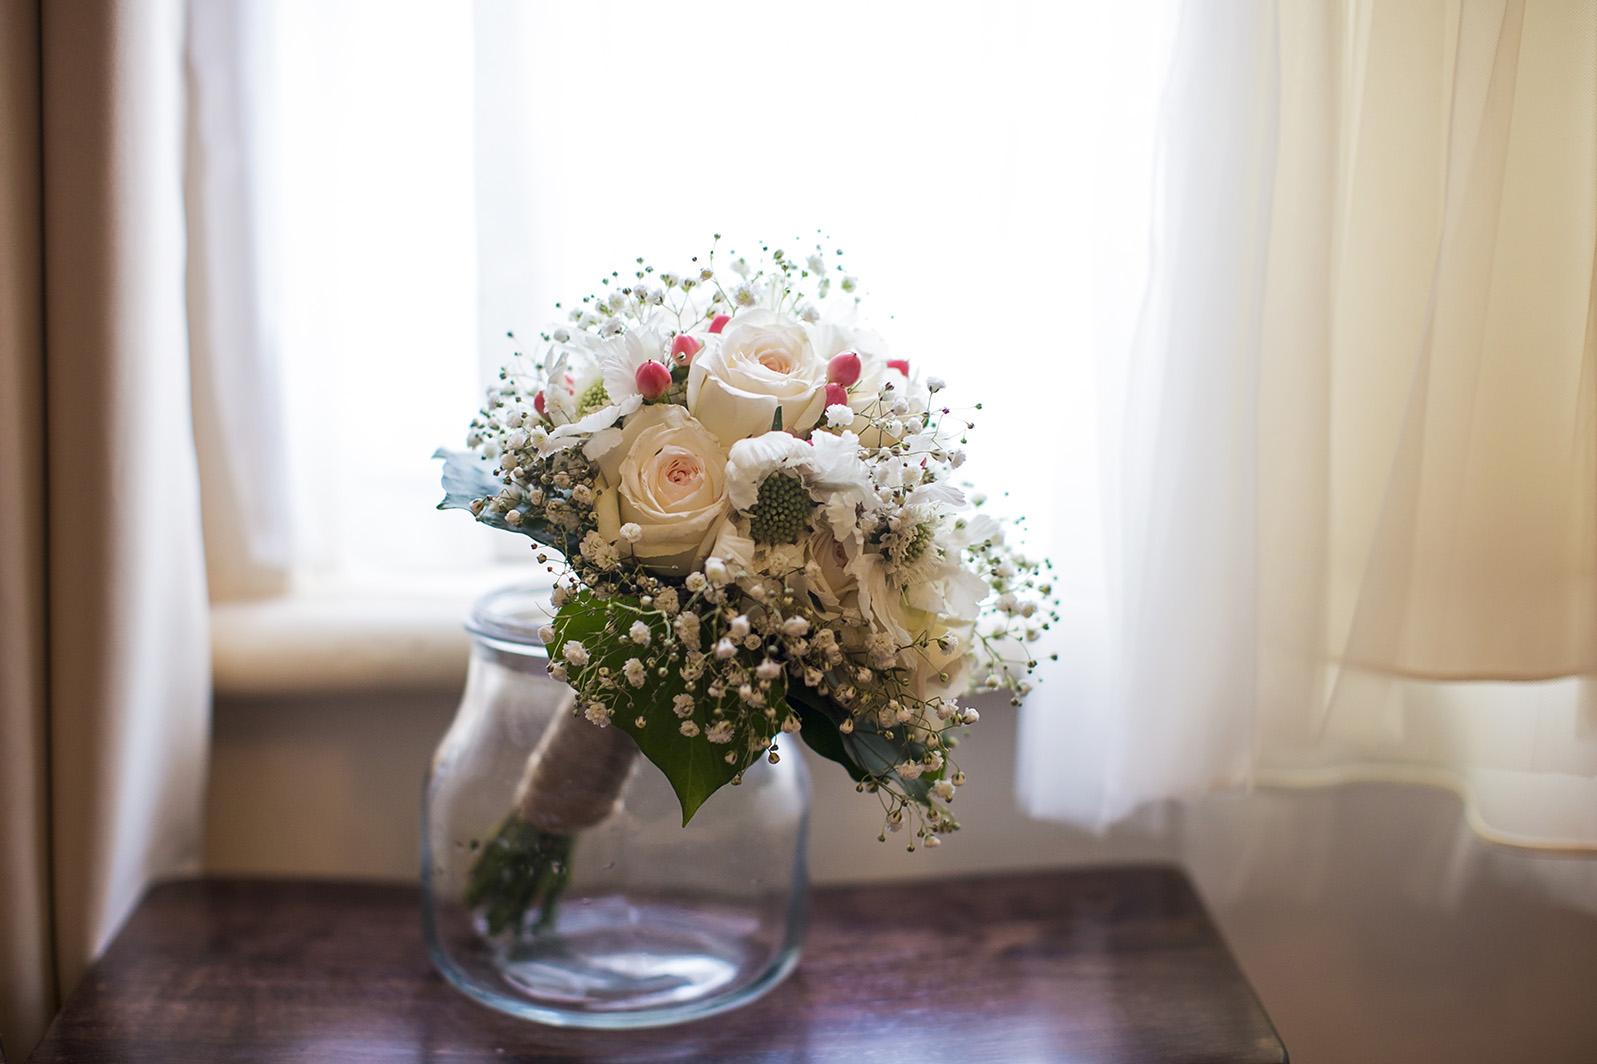 Winter Wedding Sunnybrae 02.jpg